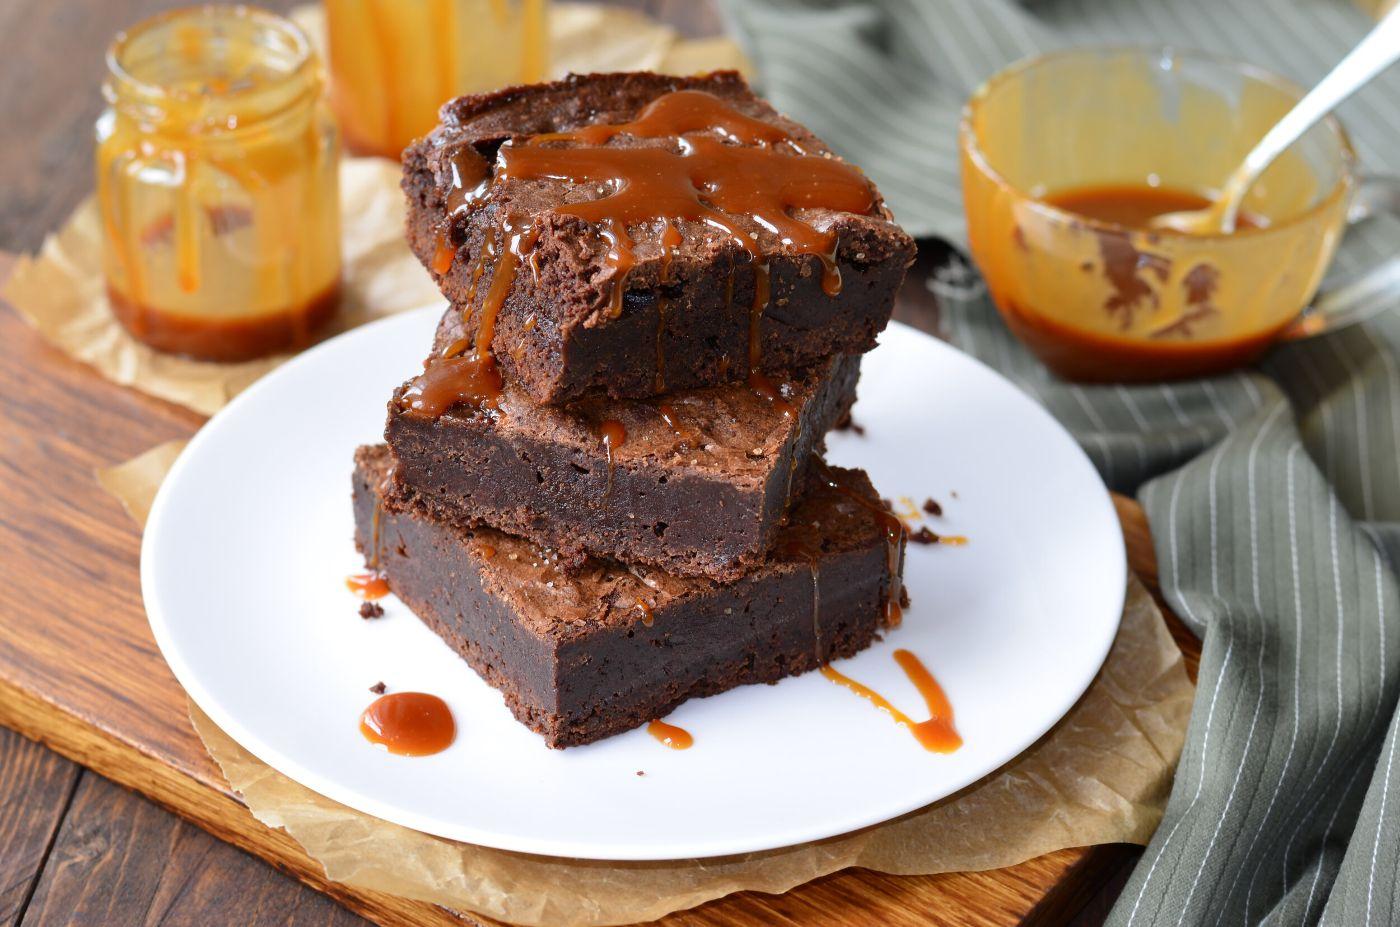 Receta de Brownies de caramelo y nueces